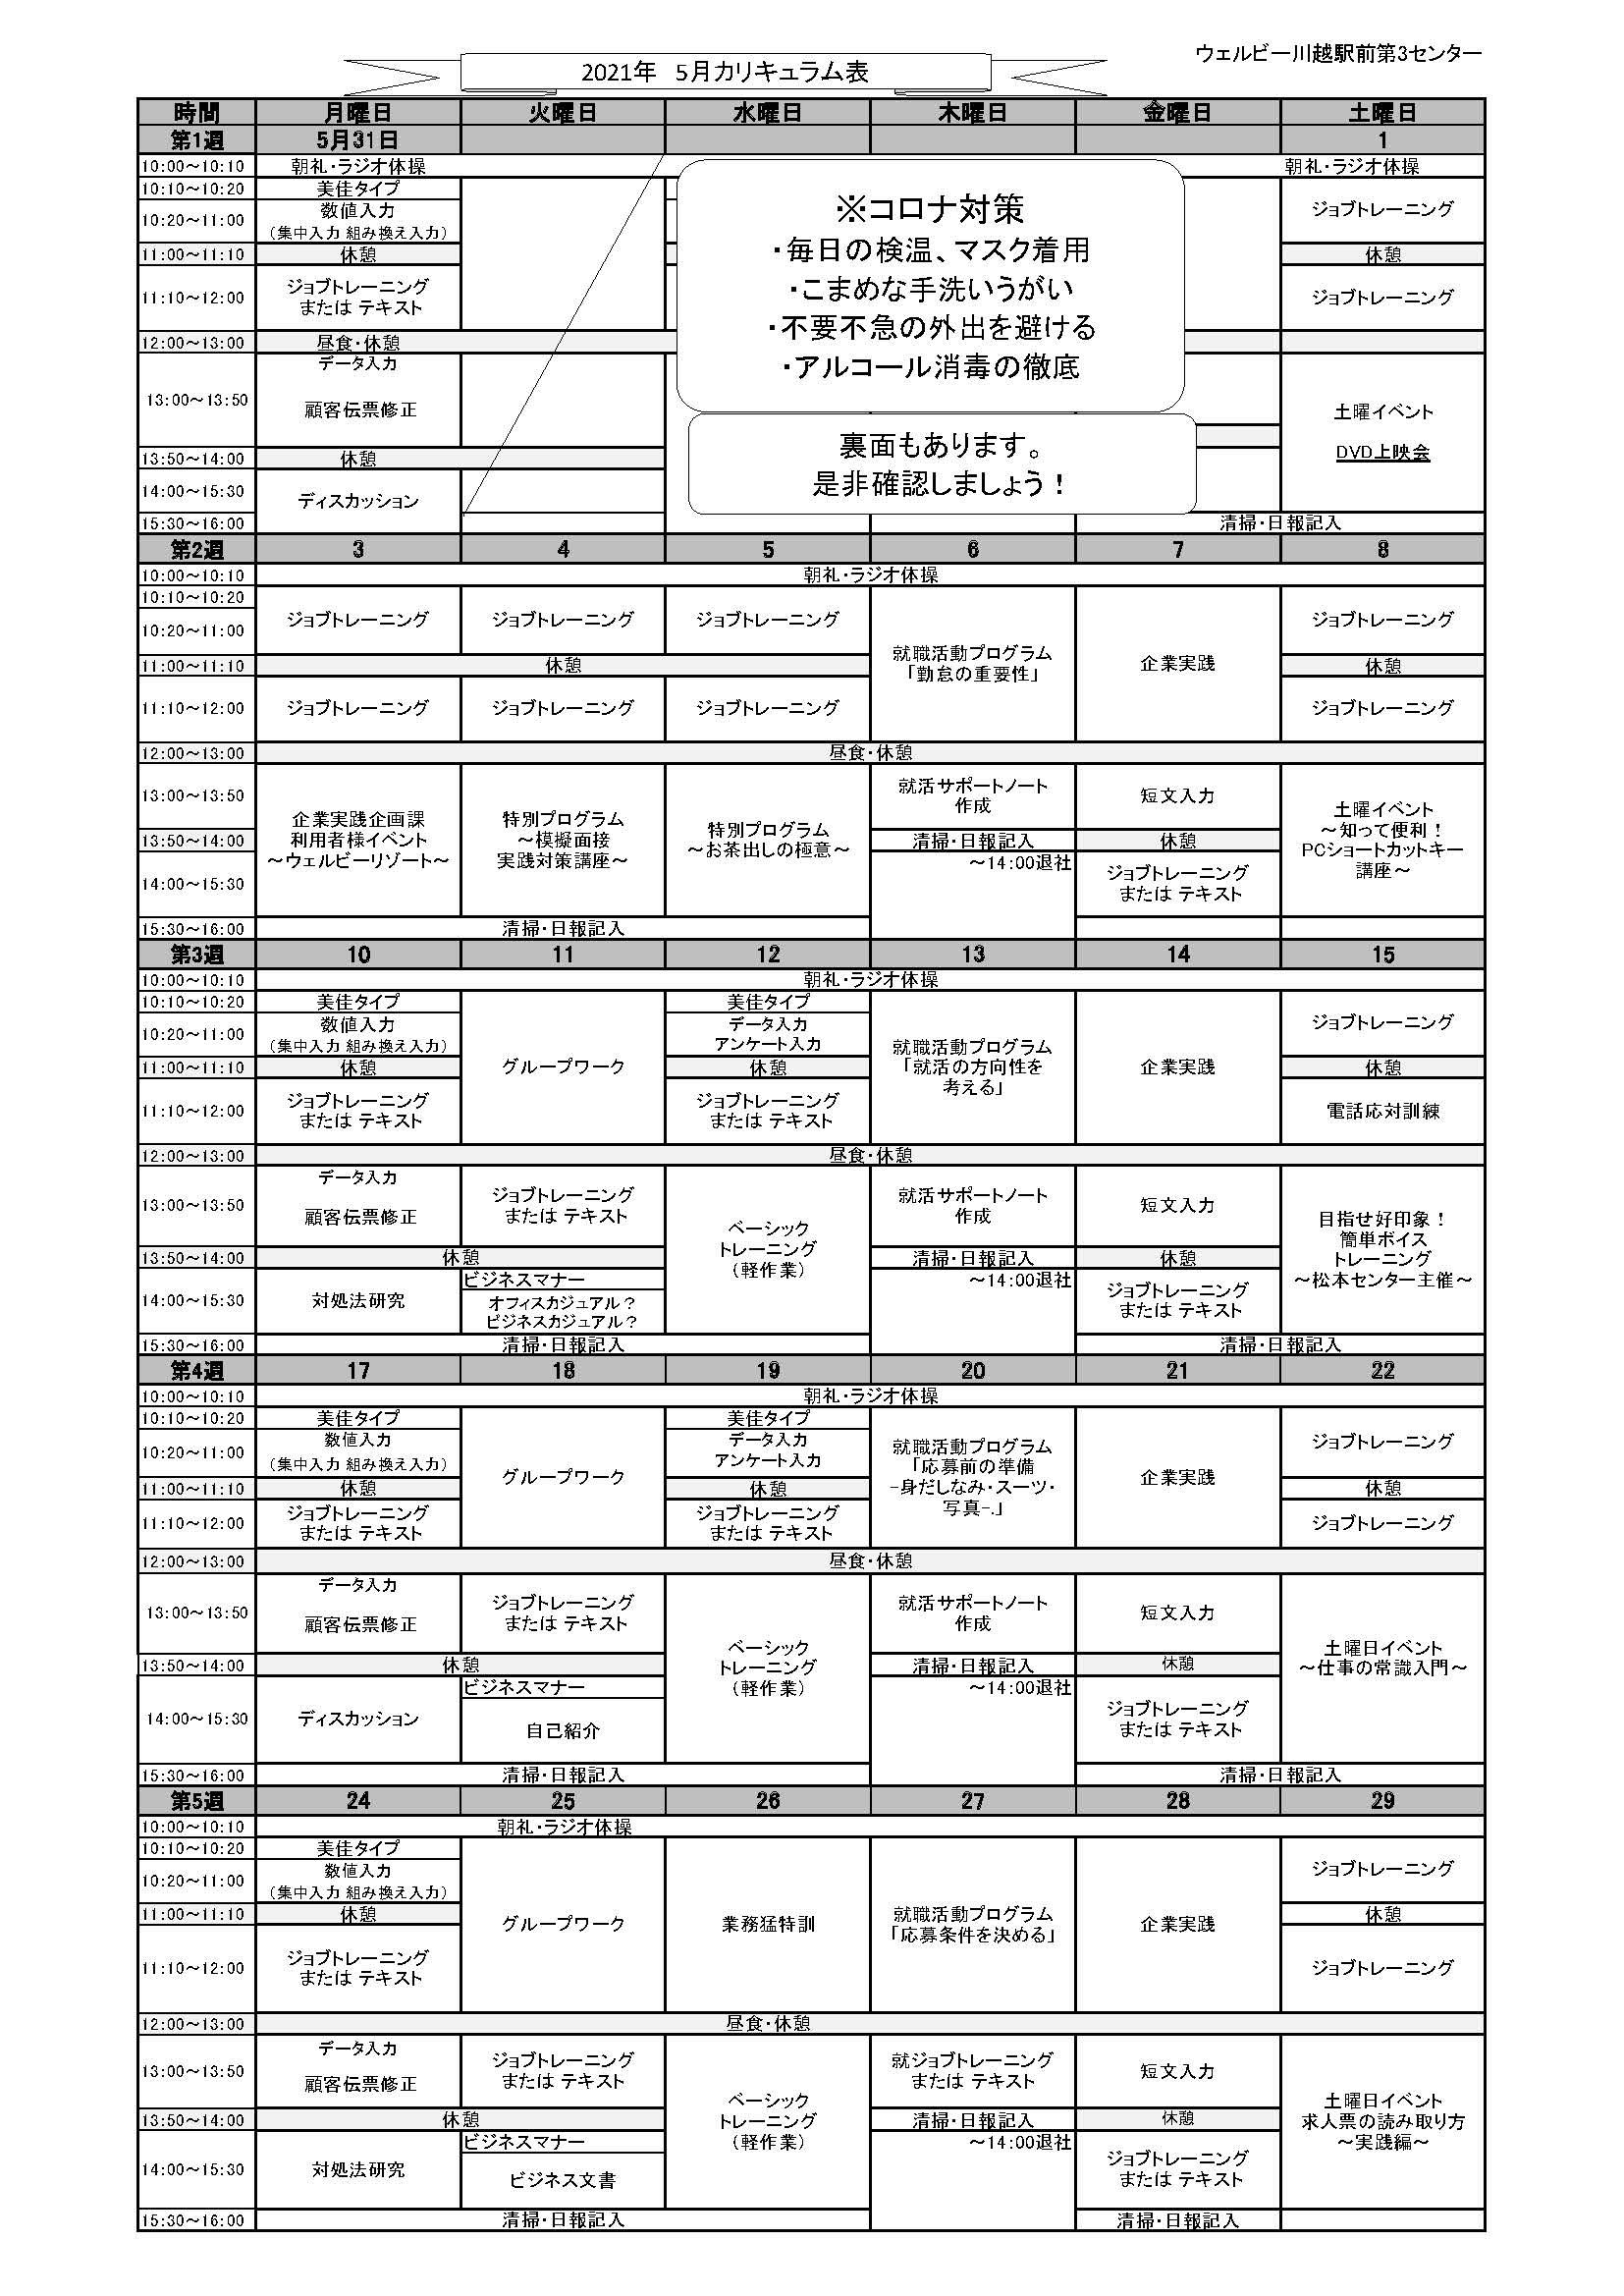 川越第3センターブログ挿入文書20210427_ページ_1